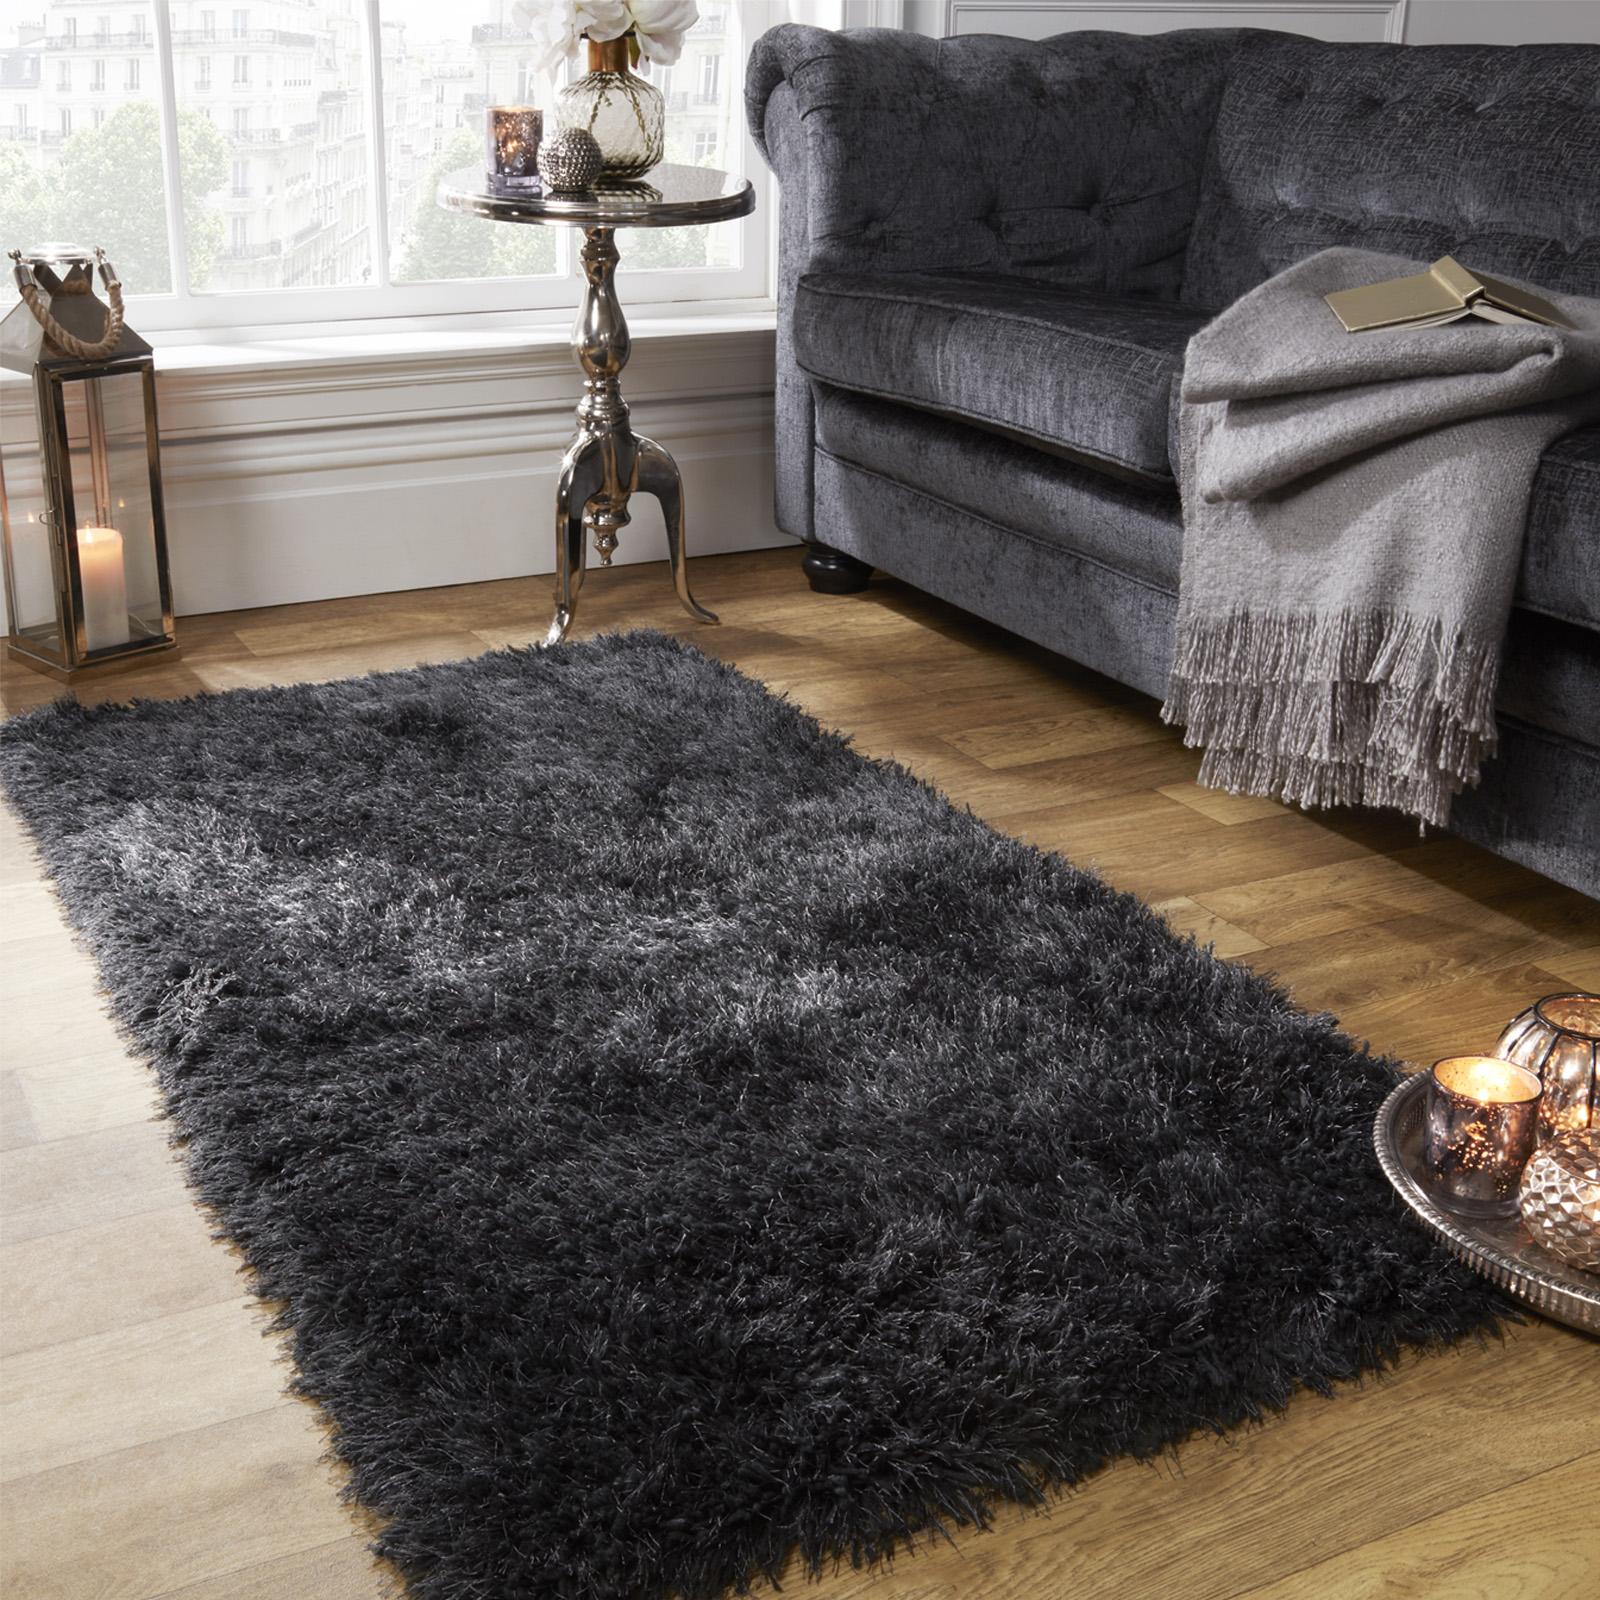 Sienna Large Shaggy Floor Rug Plain Soft Sparkle Mat 5cm